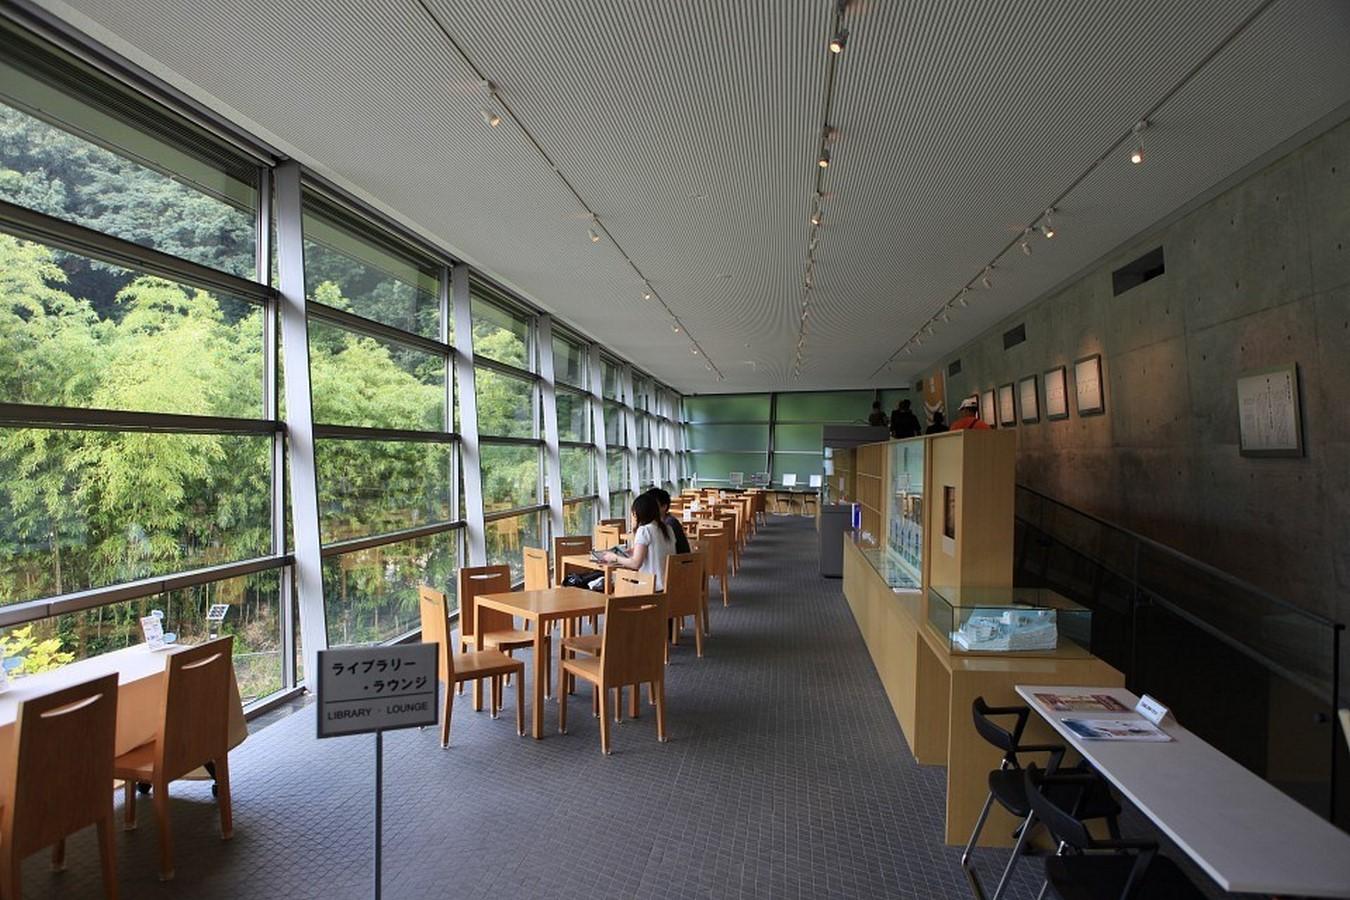 Saka no Ue no Kumo Museum - Sheet2